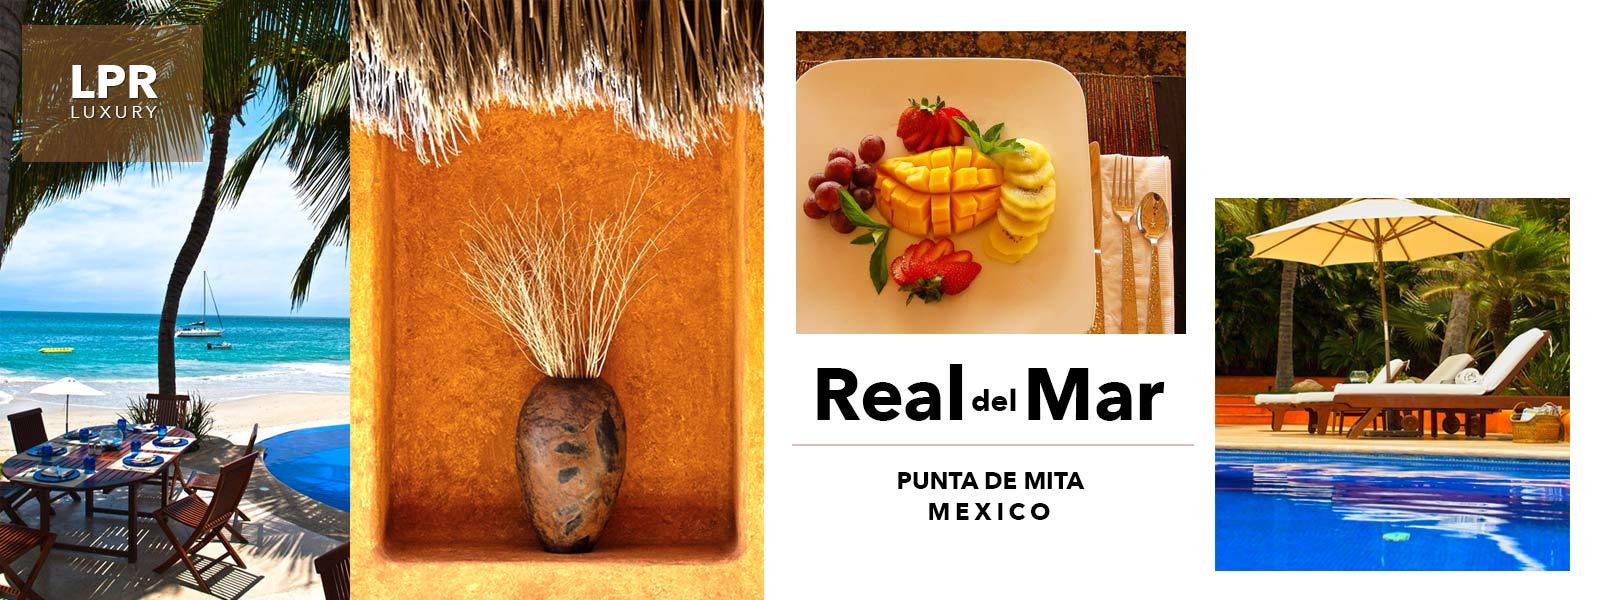 Real del Mar - Punta de Mita Luxury Real Estate and Vacation Rentals - Mexico